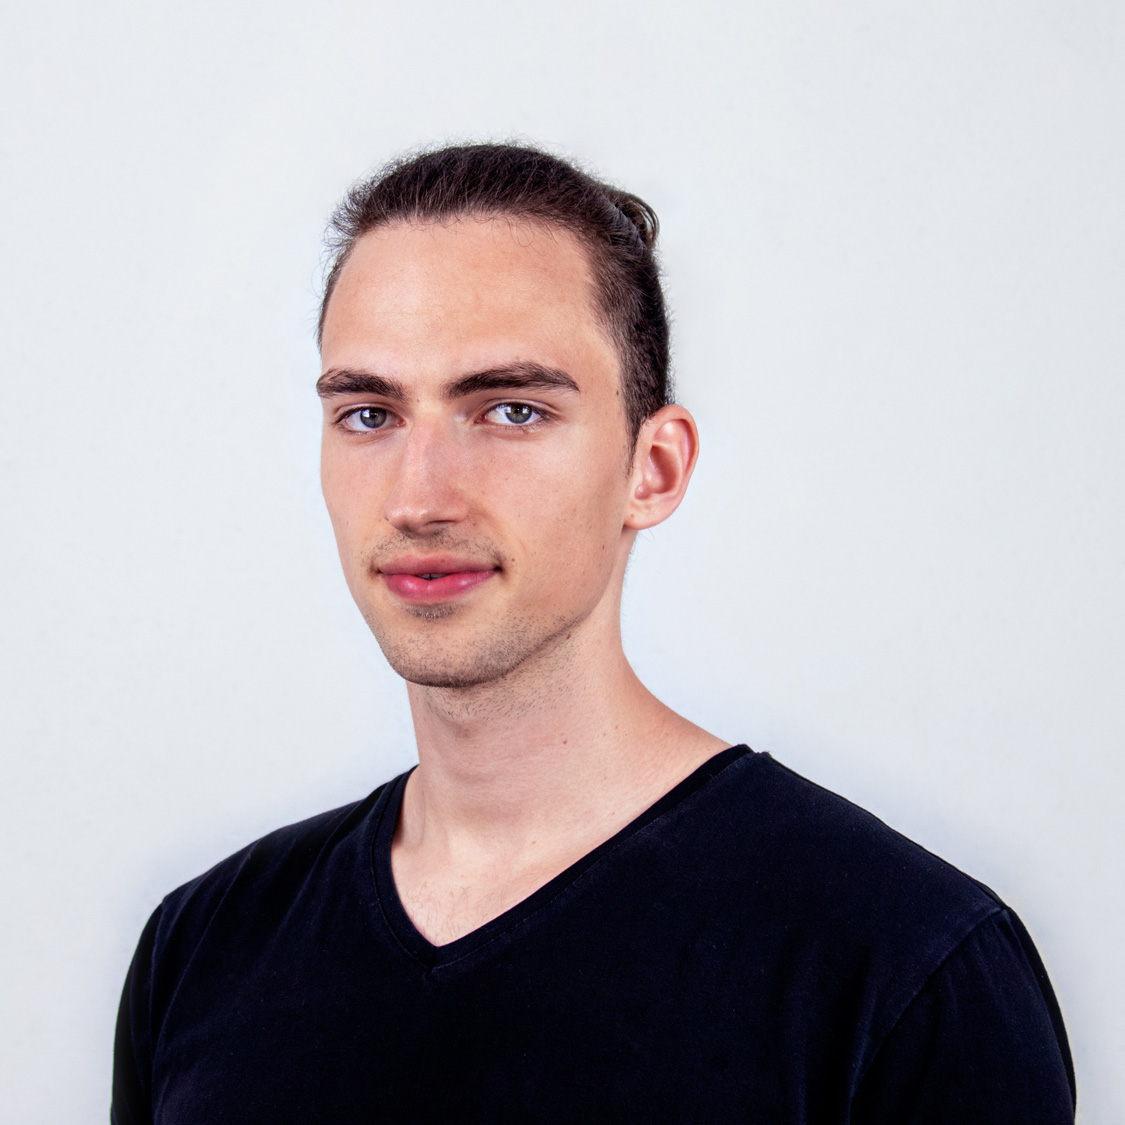 Narabo - Lukas Kiemele - Profilbild - 2020